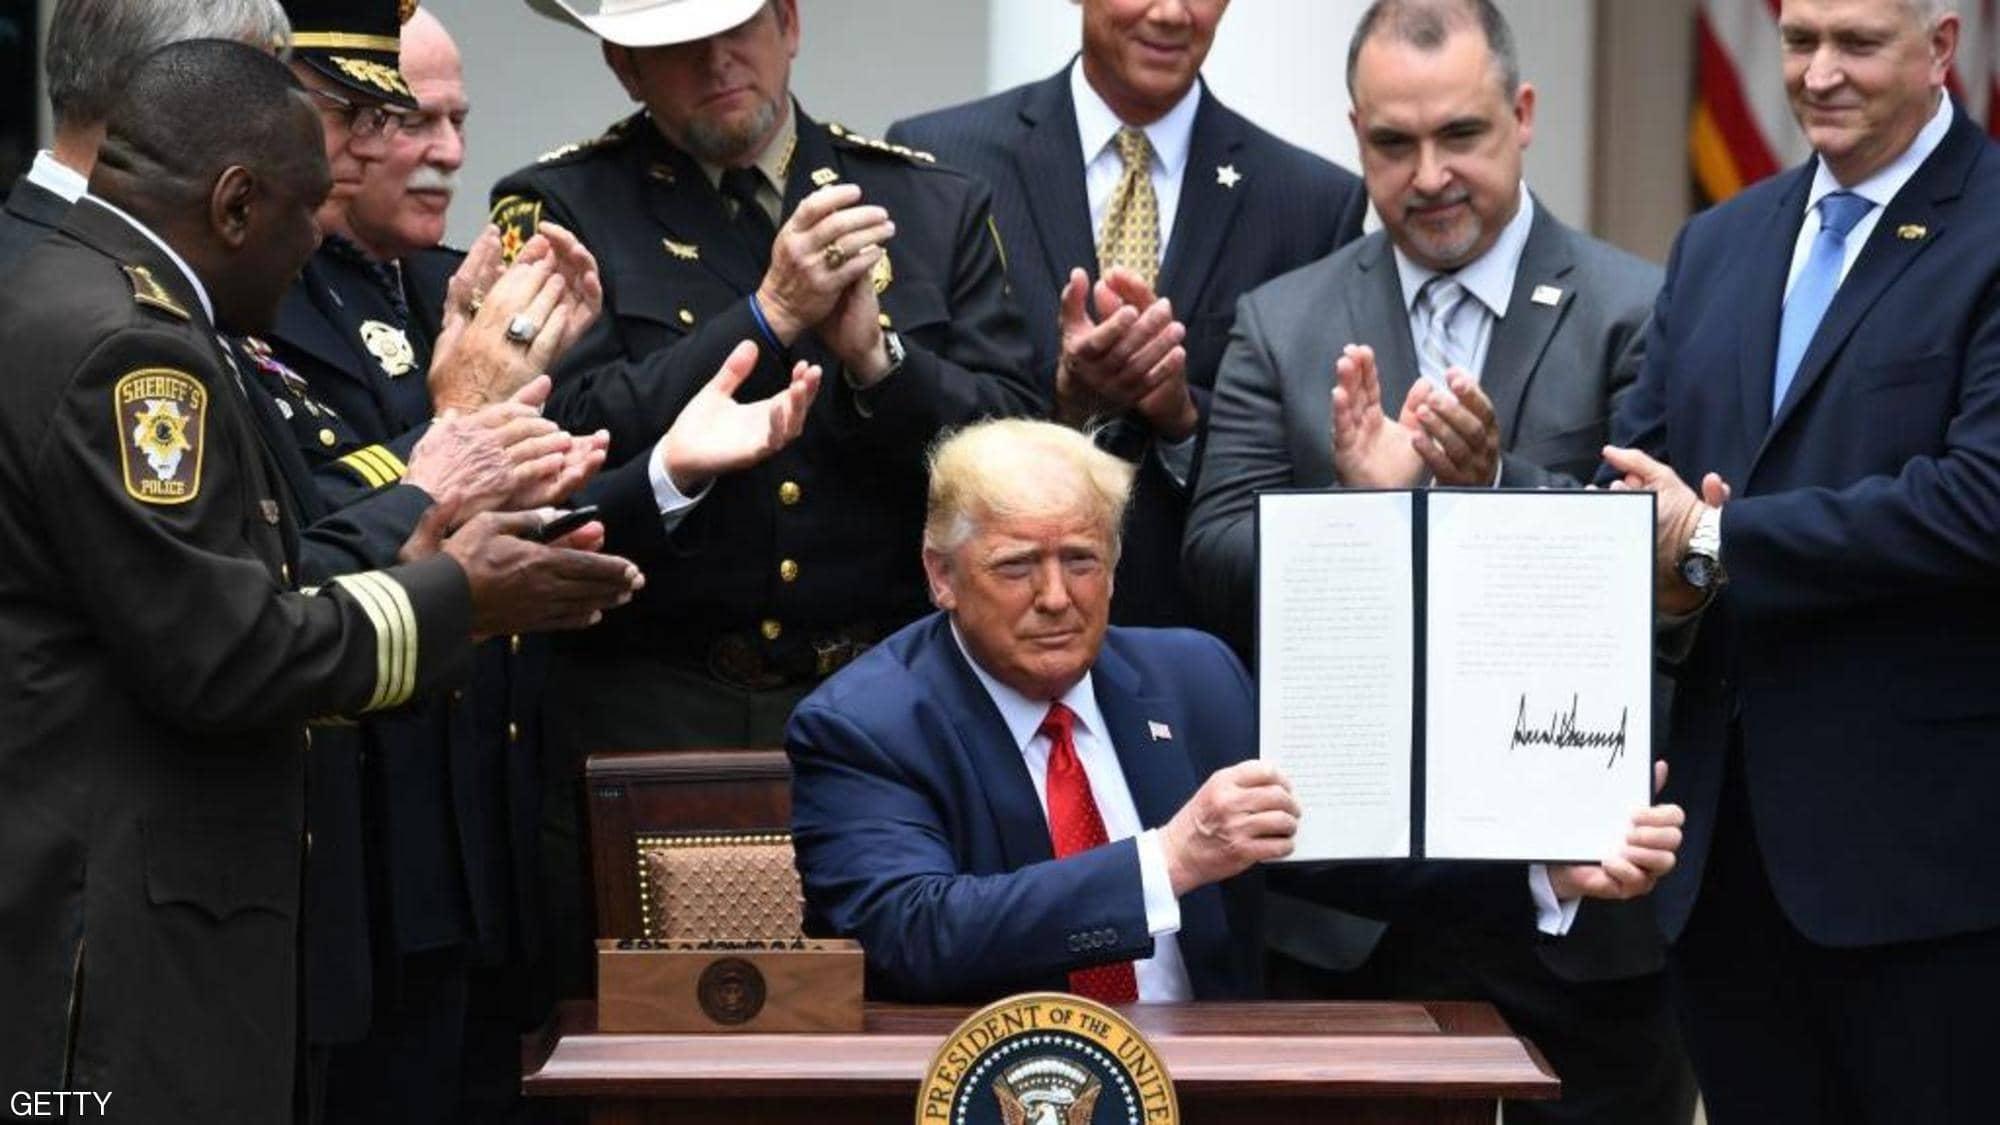 """ترامب يوقع قرار رفع دولة عربية من قائمة """"الإرهاب"""""""